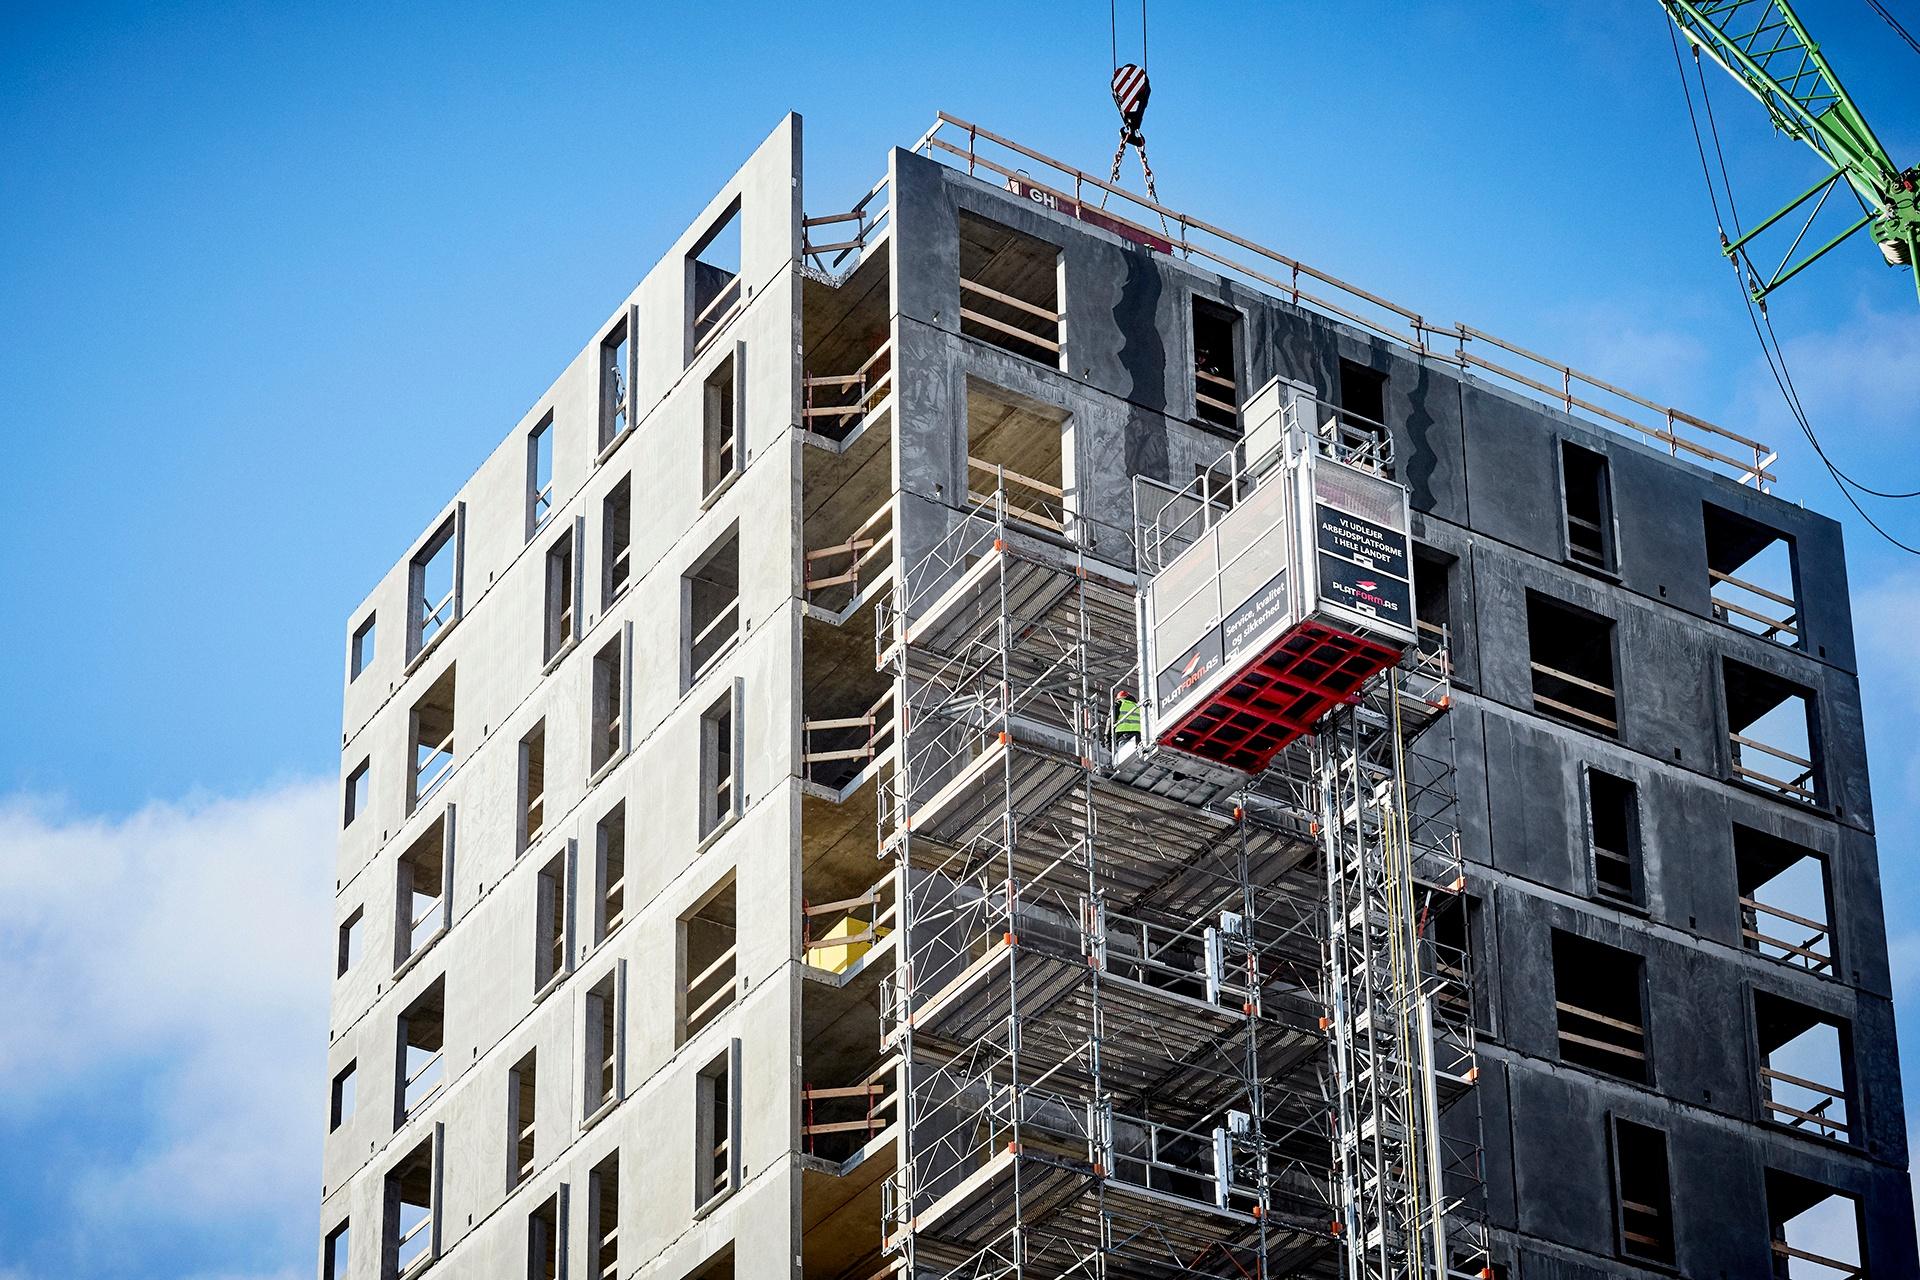 Optimer jeres højhusbyggeri med et kraftfuldt person- og materialehejs